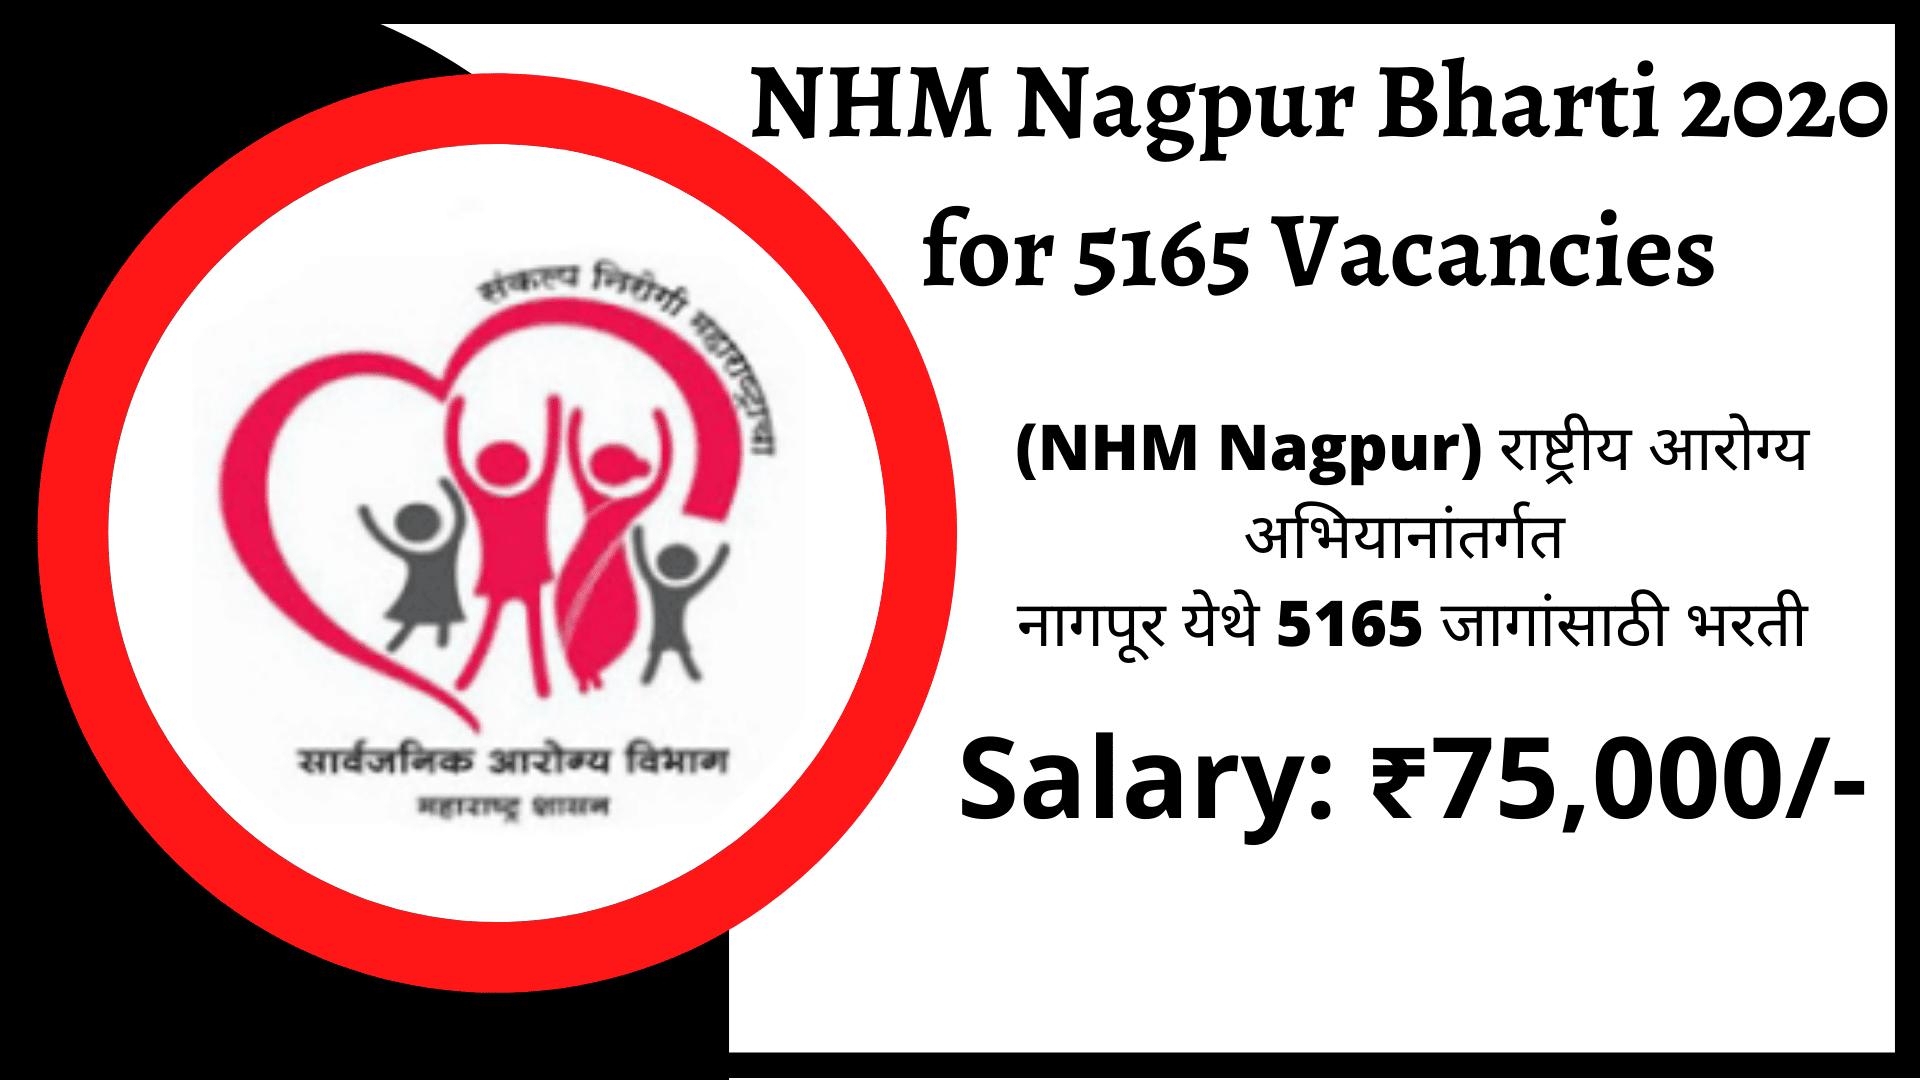 NHM Nagpur Bharti 2020